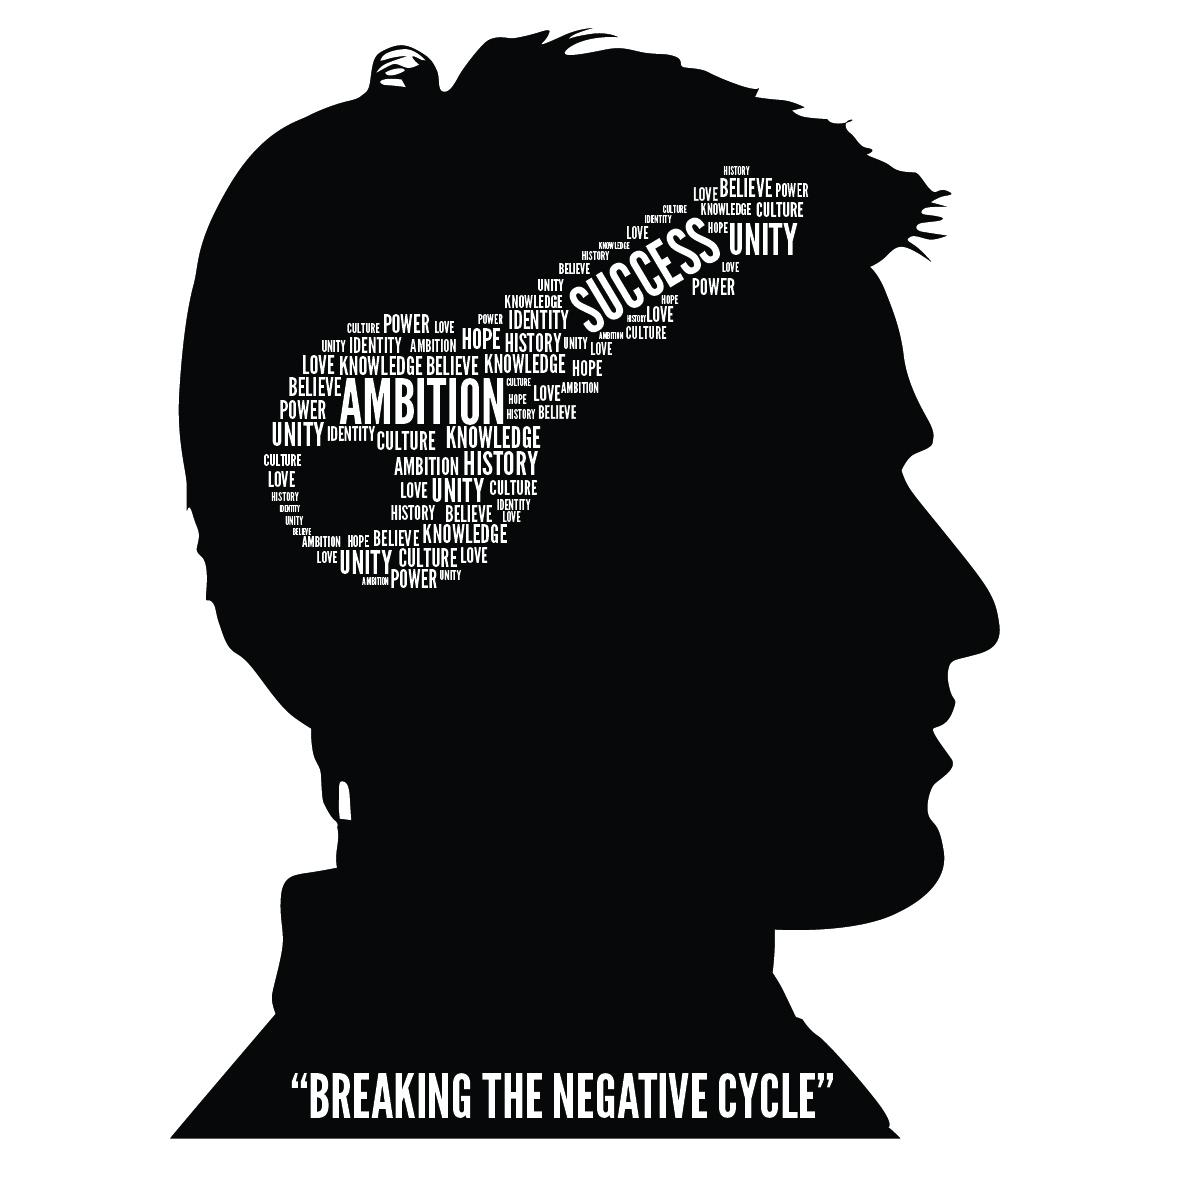 2011-11-06-breaking cycle-BreakingTheNegativeCycle01.jpg